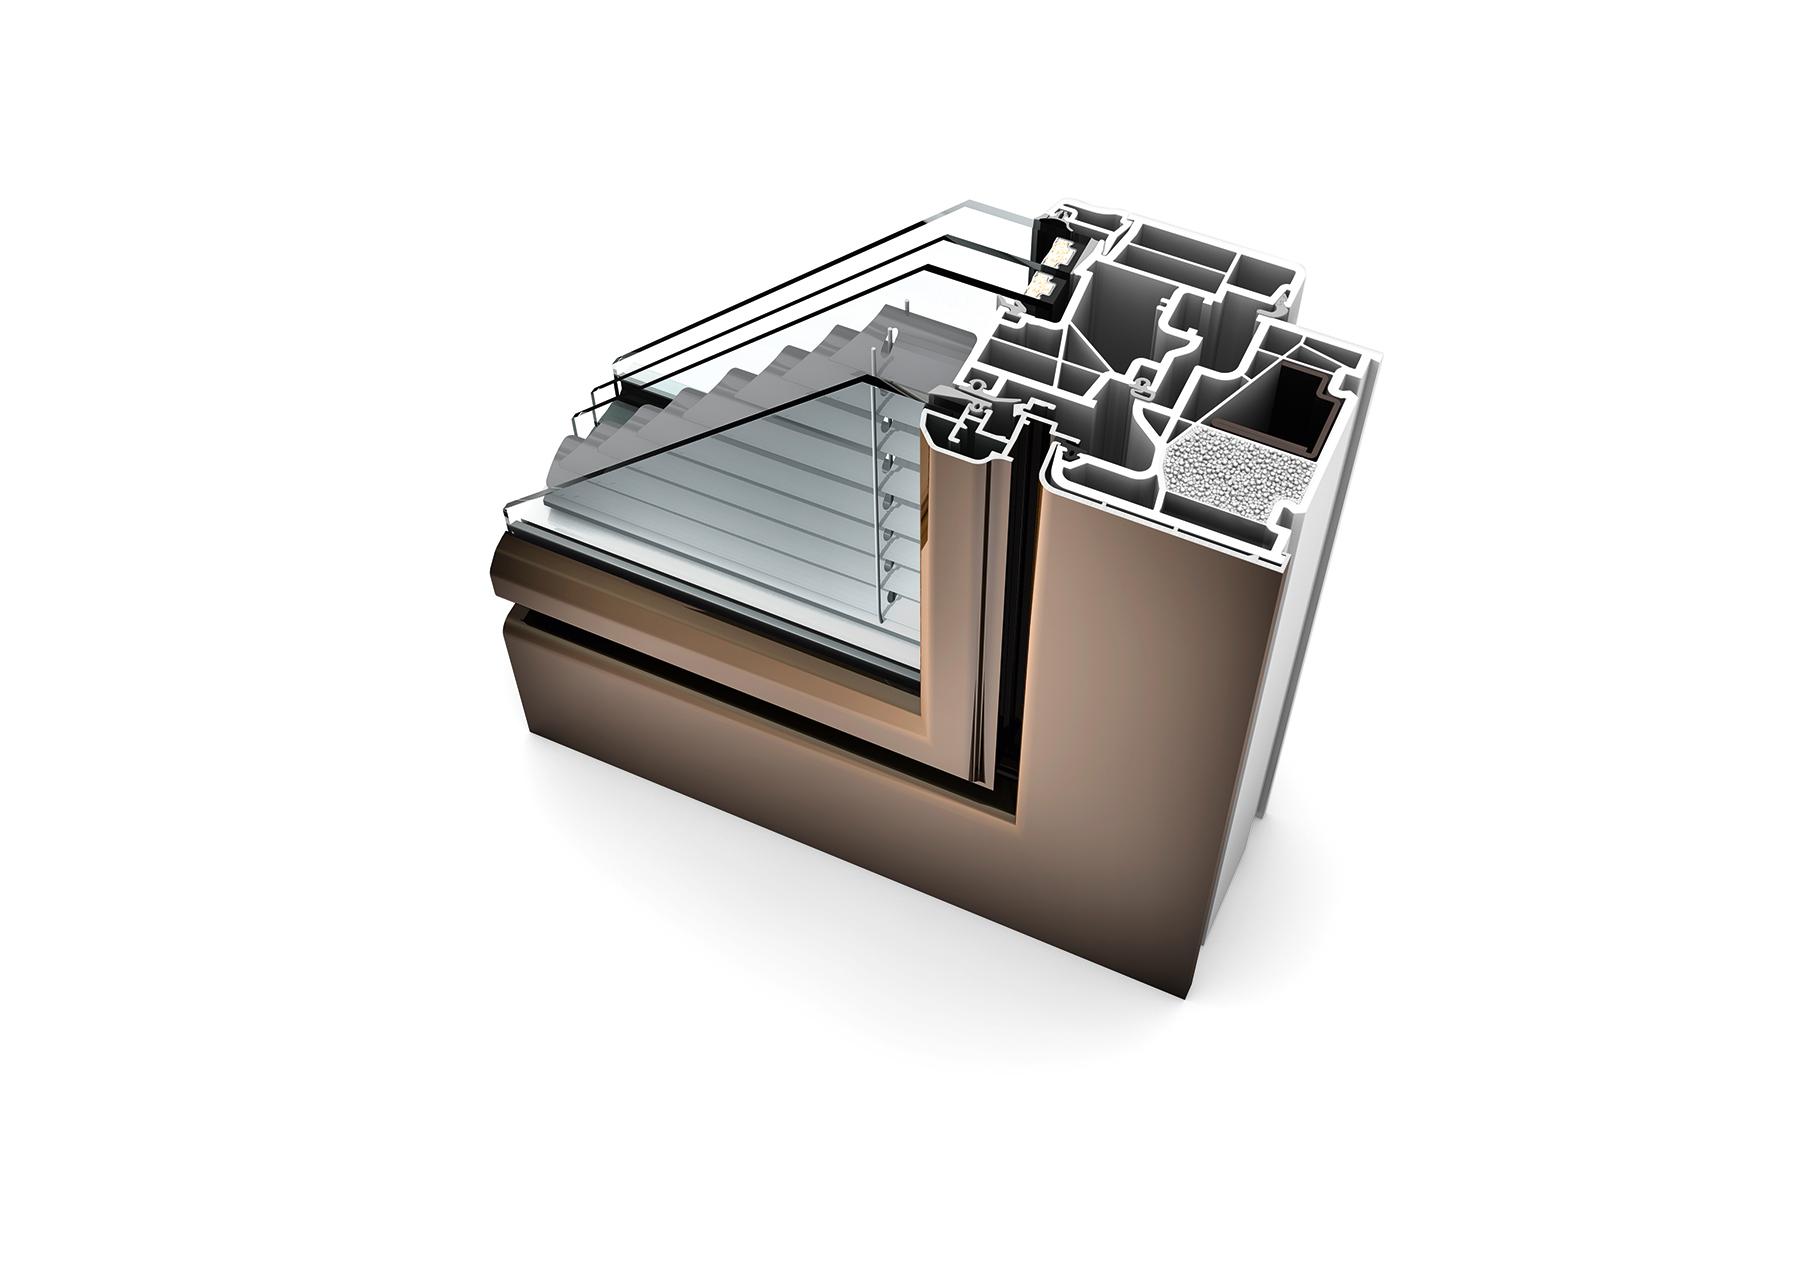 Internorm KV440 rez okna dizajnovy styl ambiente